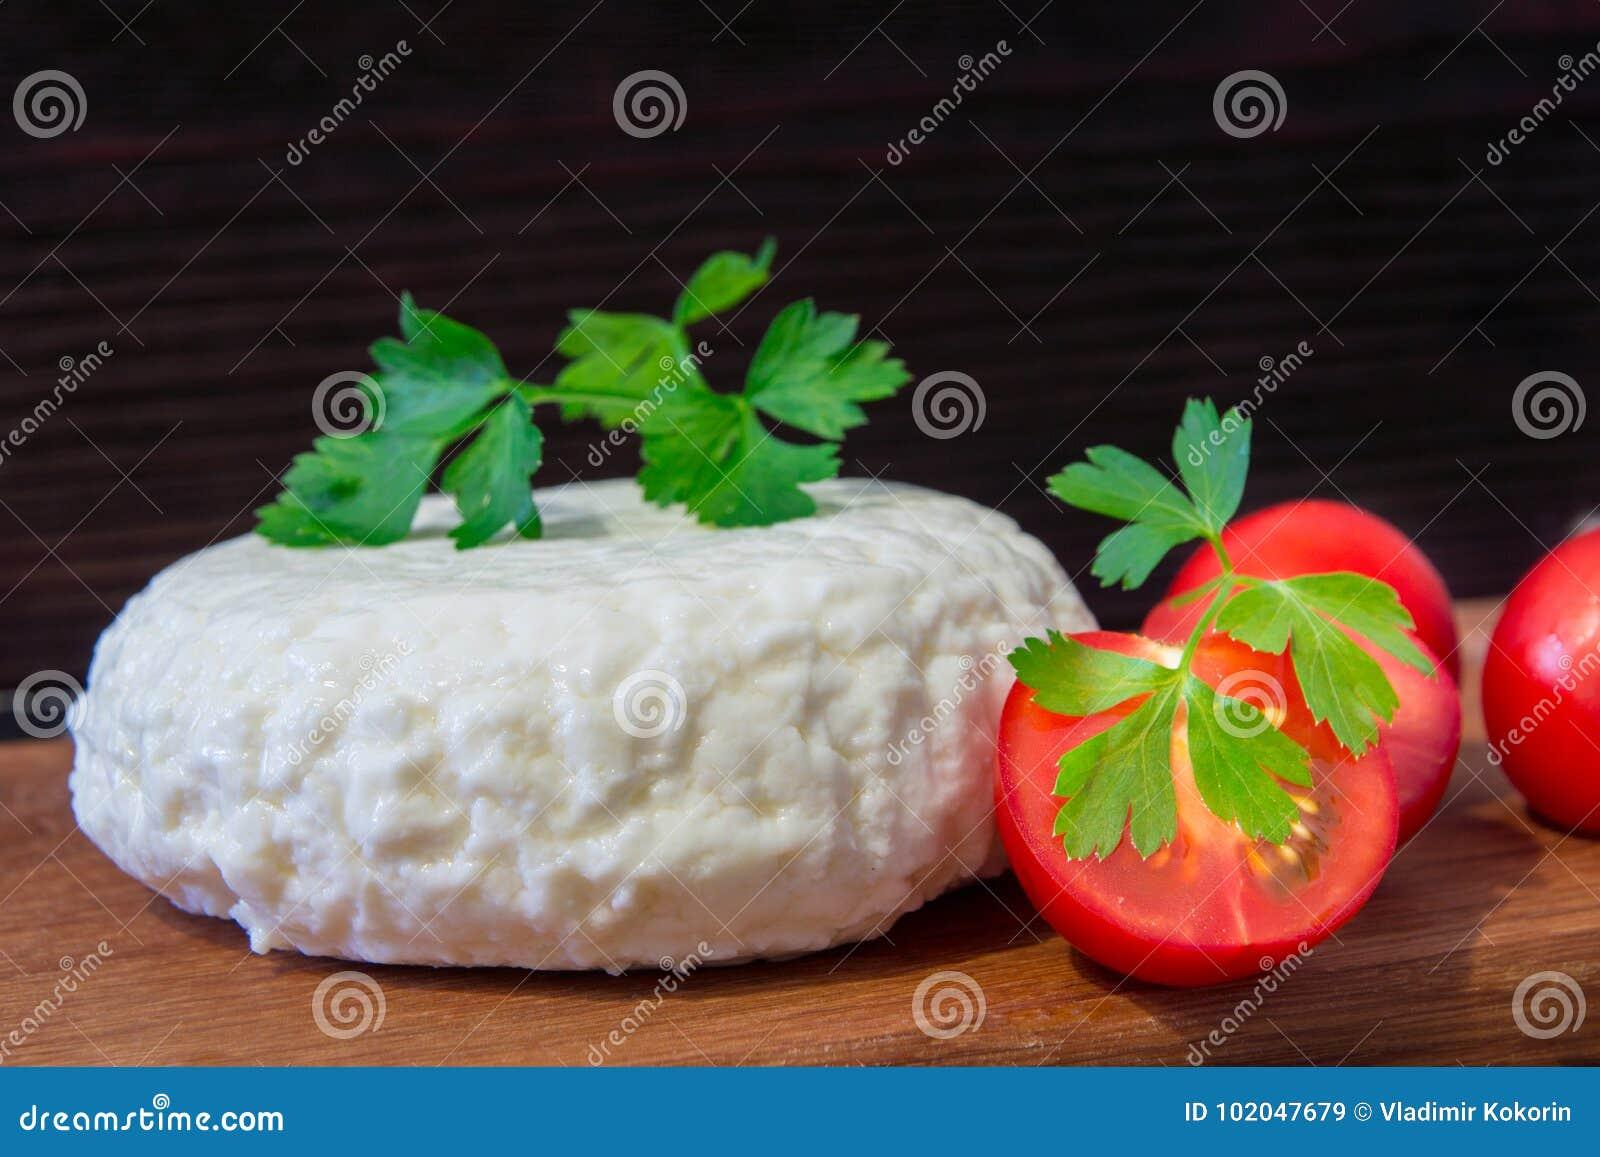 Ung ekostskärbräda med tomater och persilja Mozarella för pizza och sallader